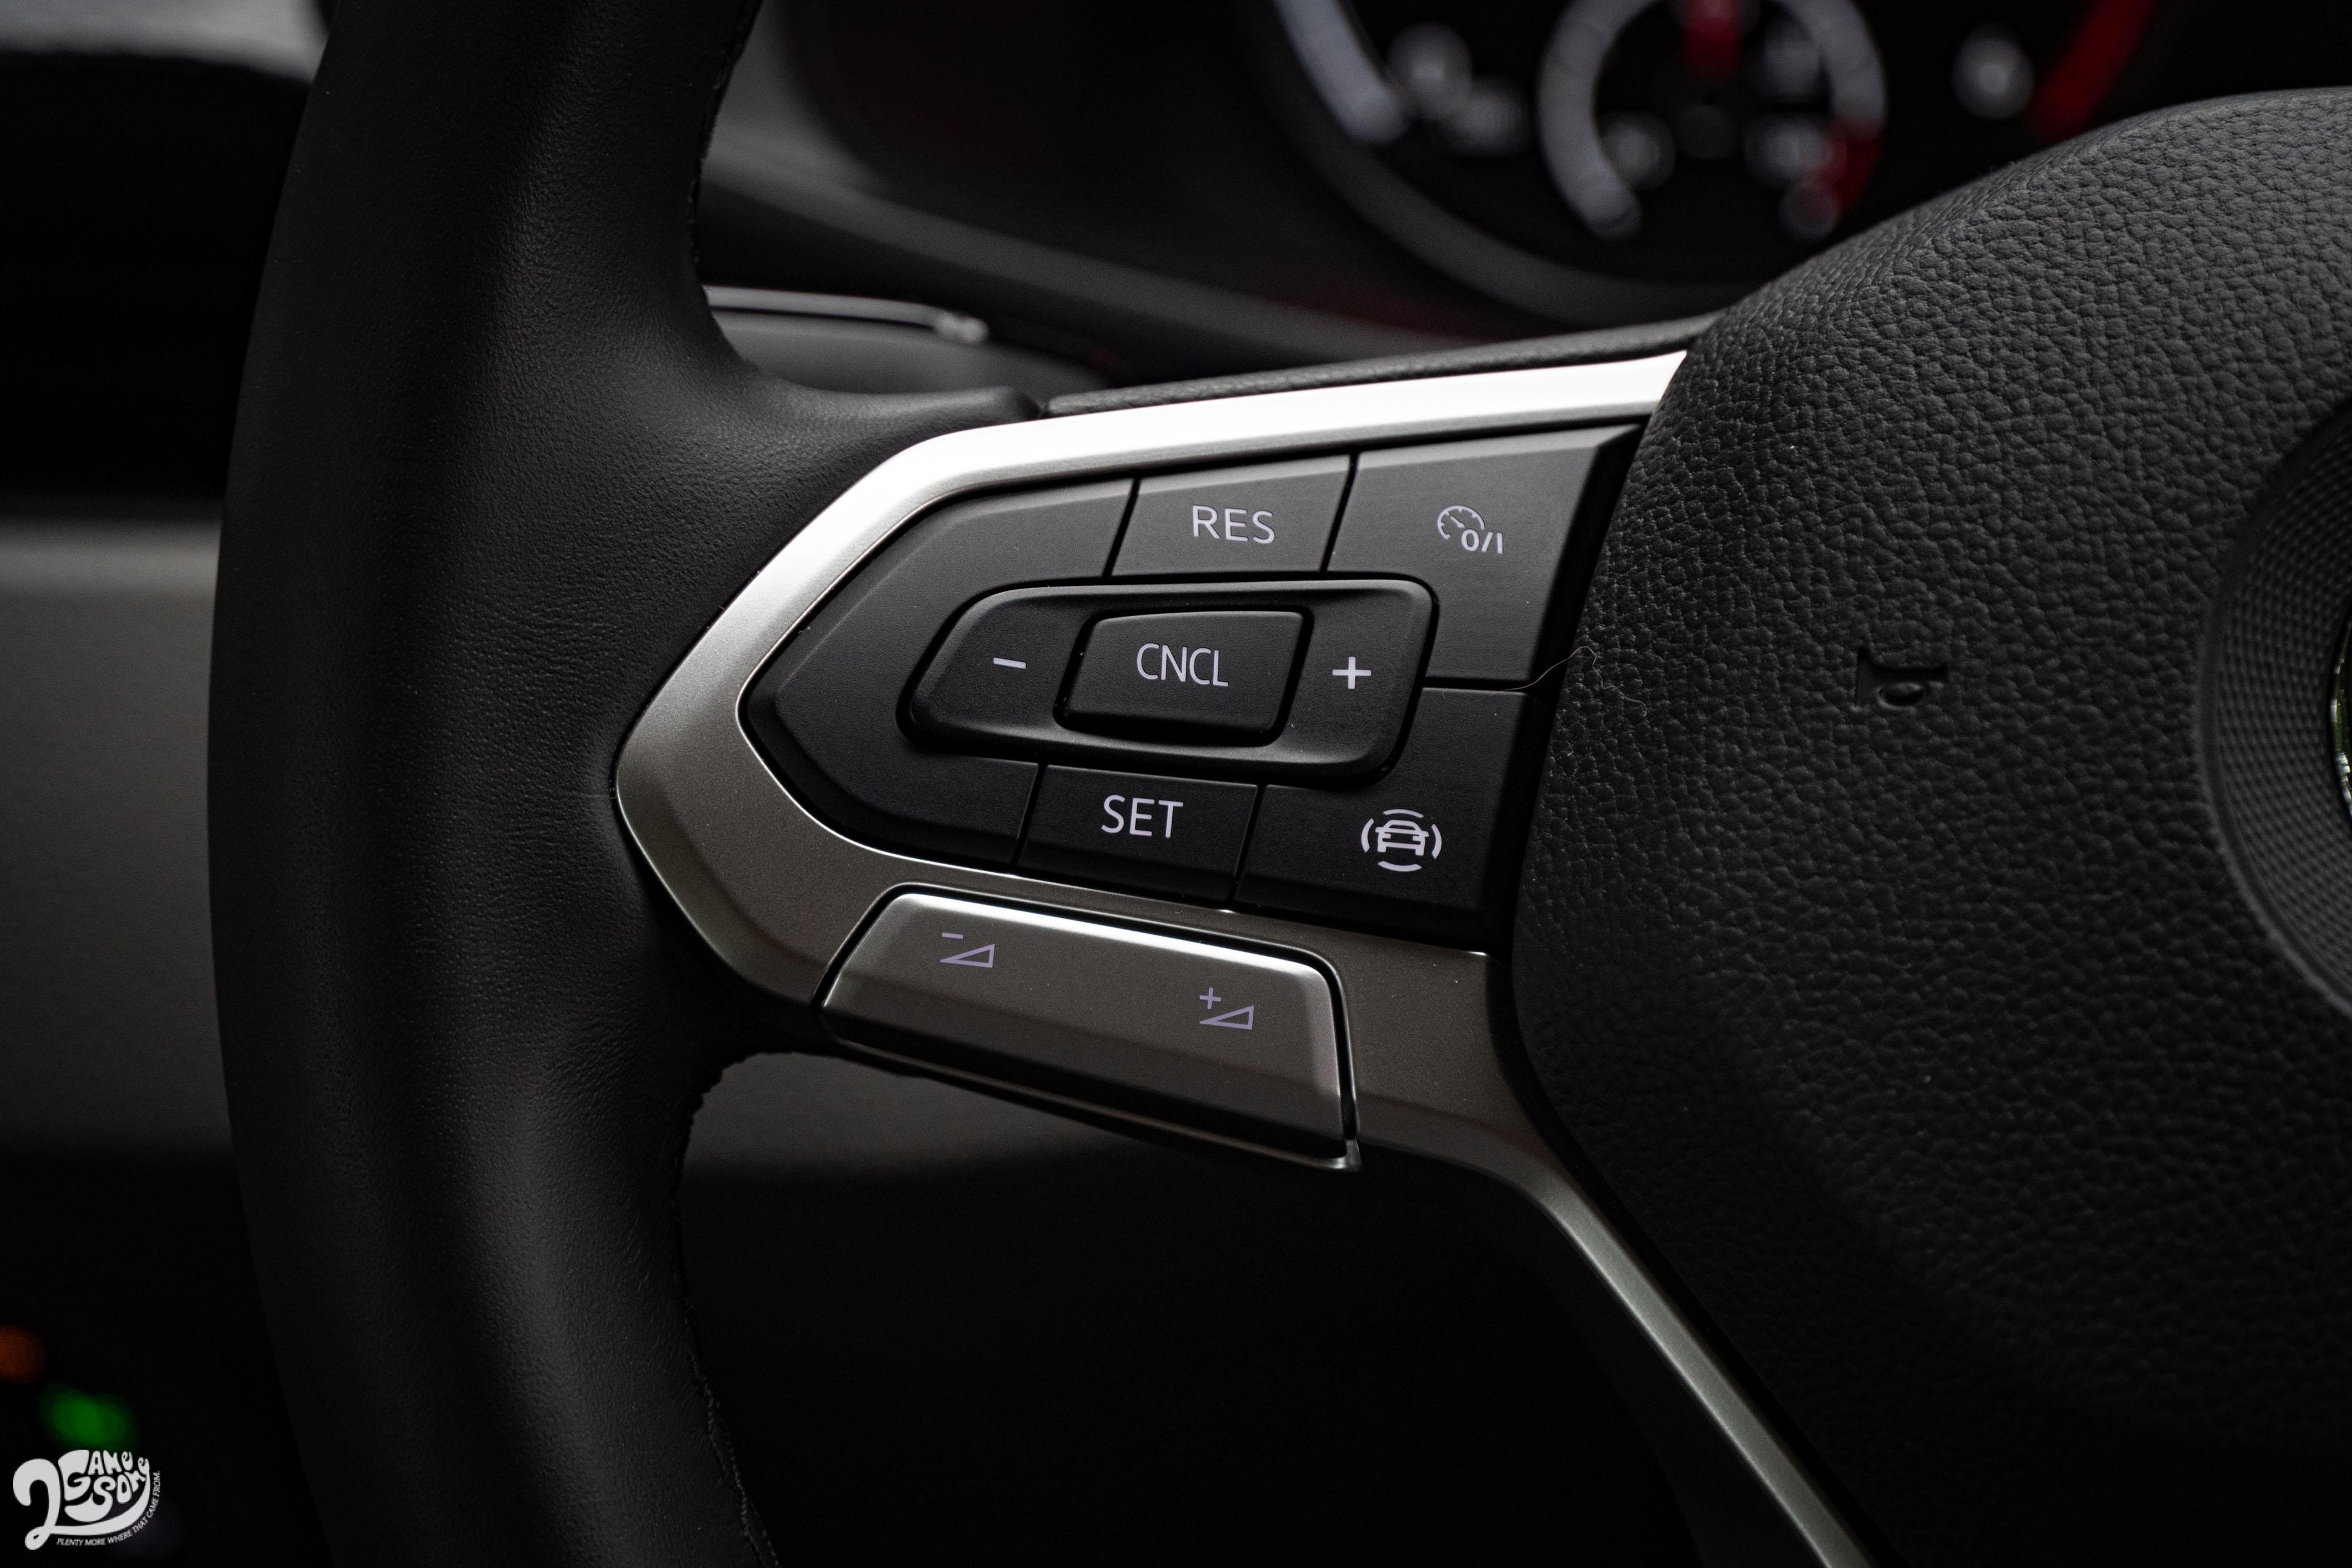 150L 未配備 ACC 跟車系統與車道輔助系統,僅配備定速系統。